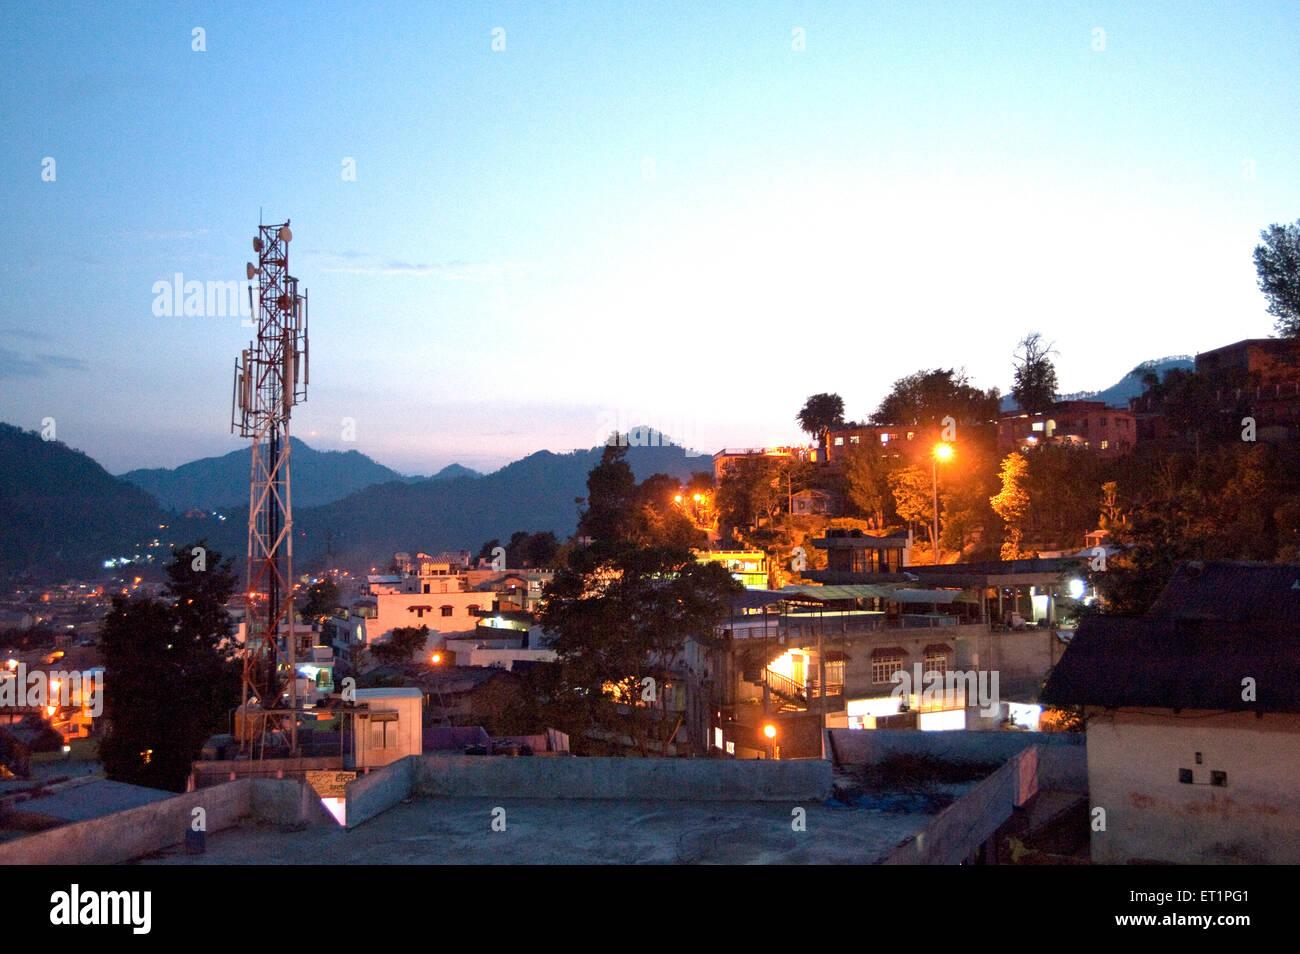 City pithoragar at evening time uttarakhand India Asia - Stock Image